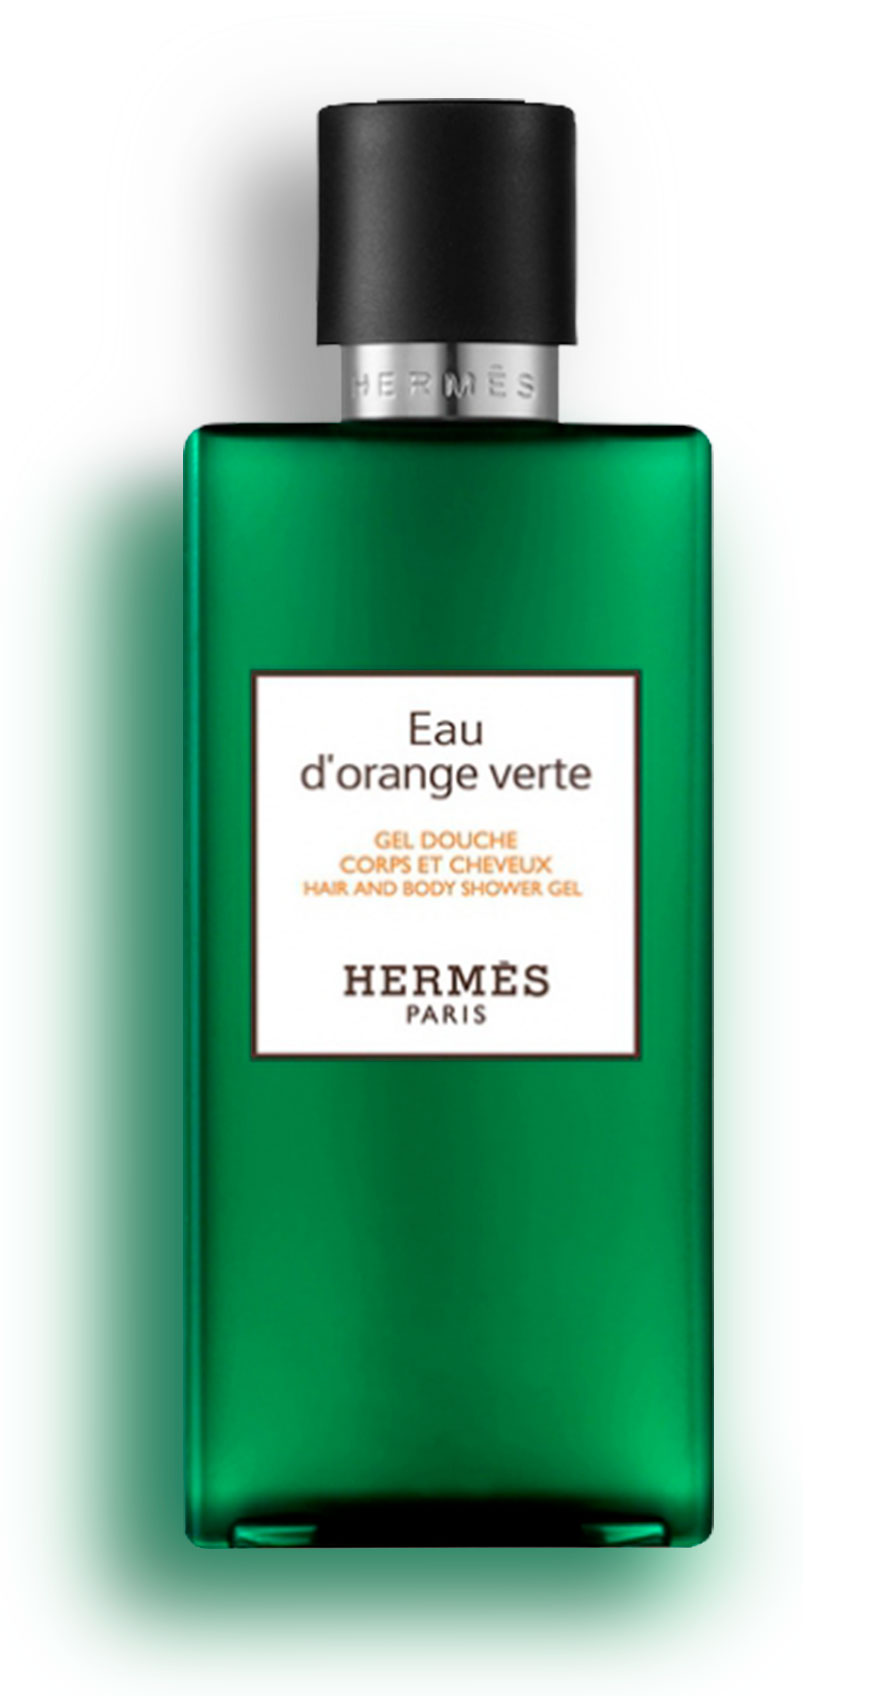 Hermès - Eau d'orange verte - Gel douche corps et cheveux 200 ml